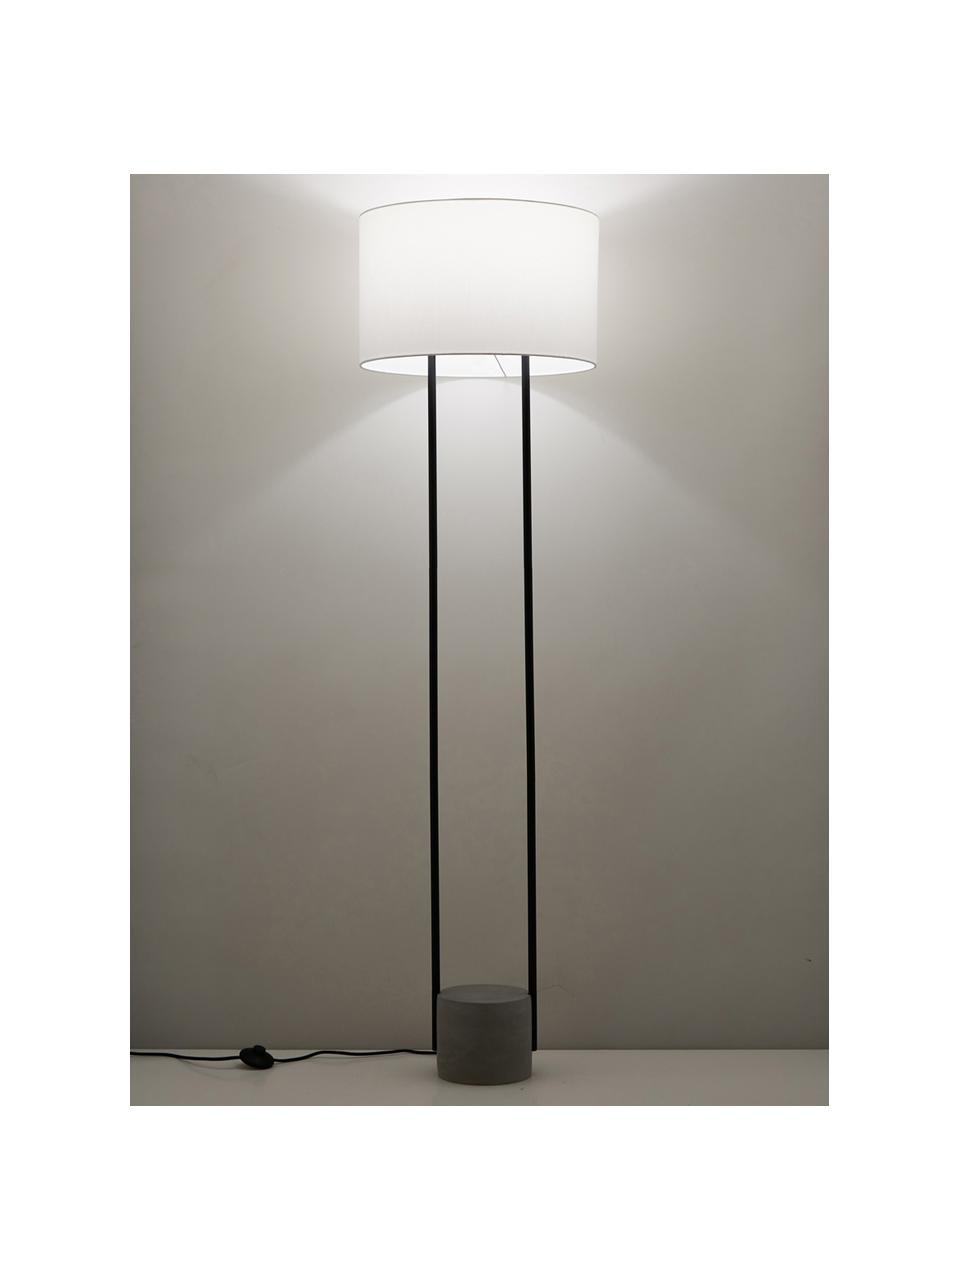 Lampadaire avec pied en béton Pipero, Abat-jour: blanc Pied de lampe: noir, mat, gris Câble: noir